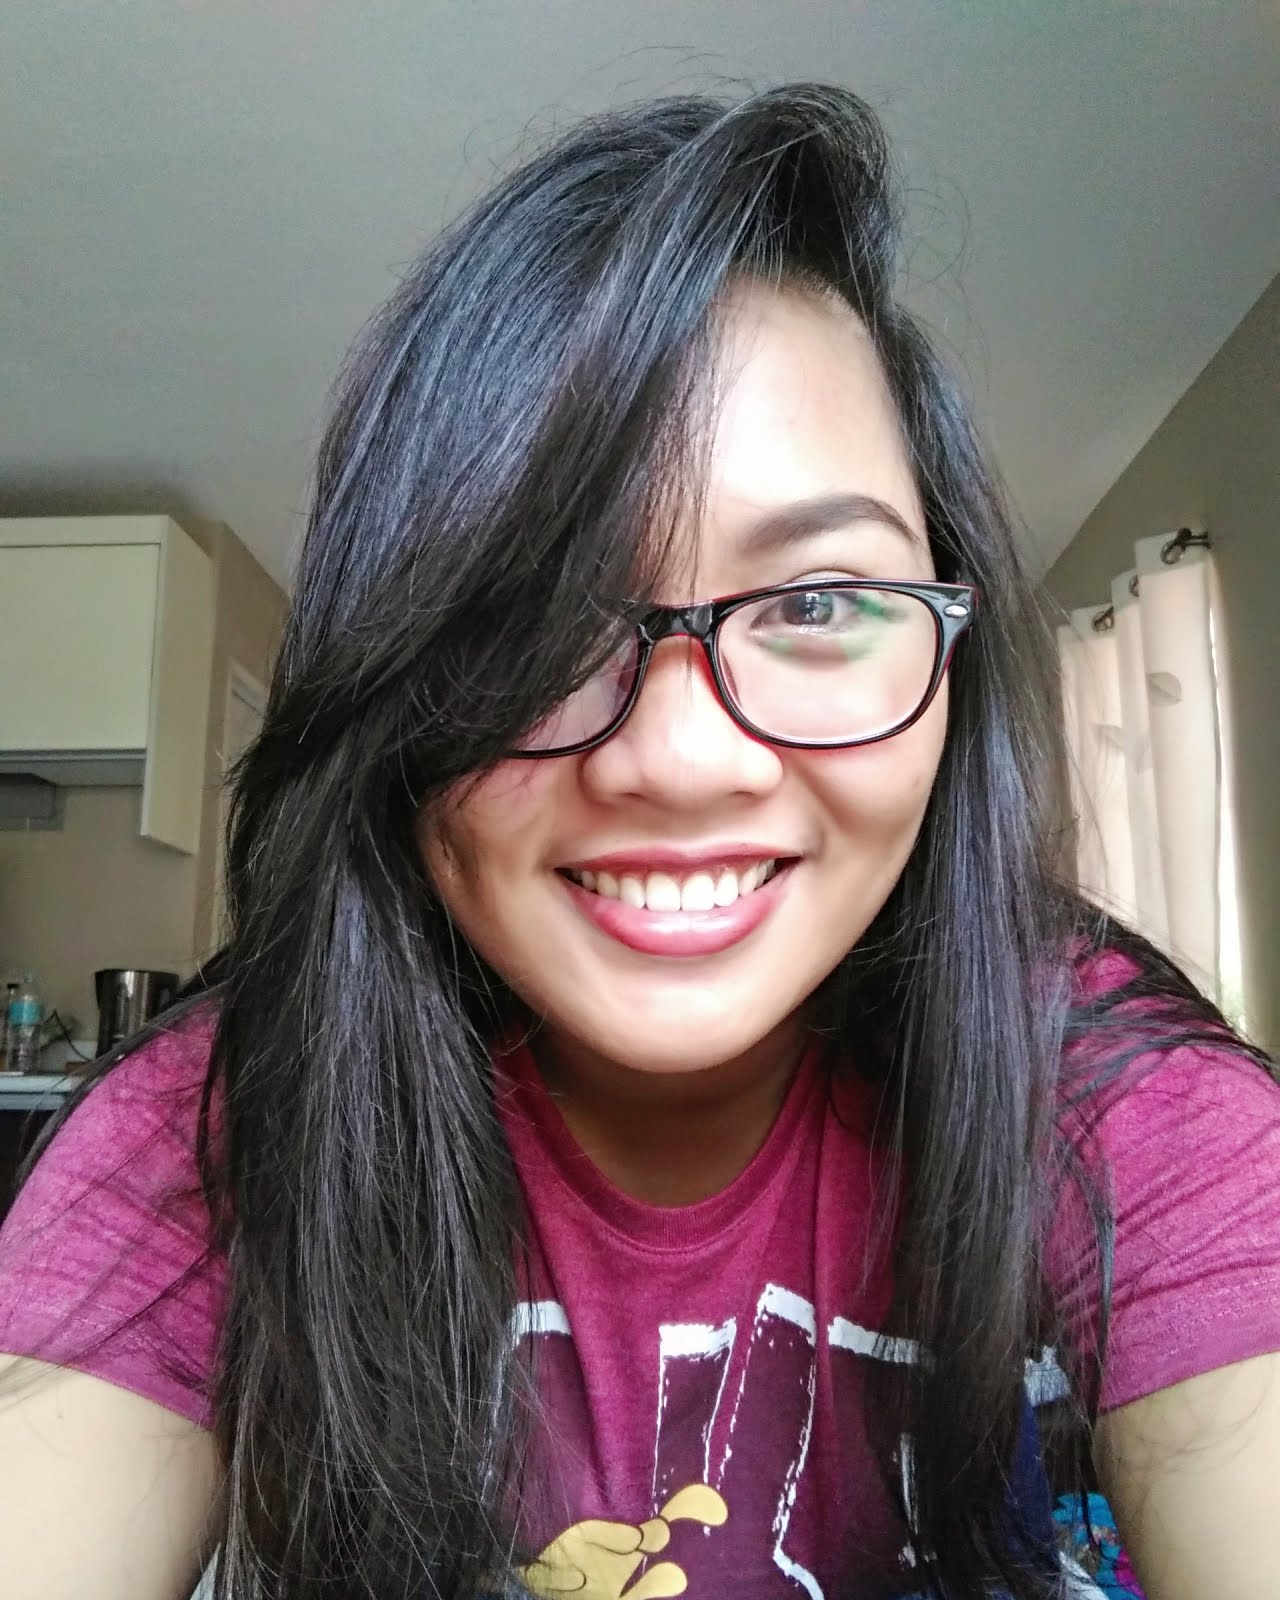 Renee Alexis | 23 | PH